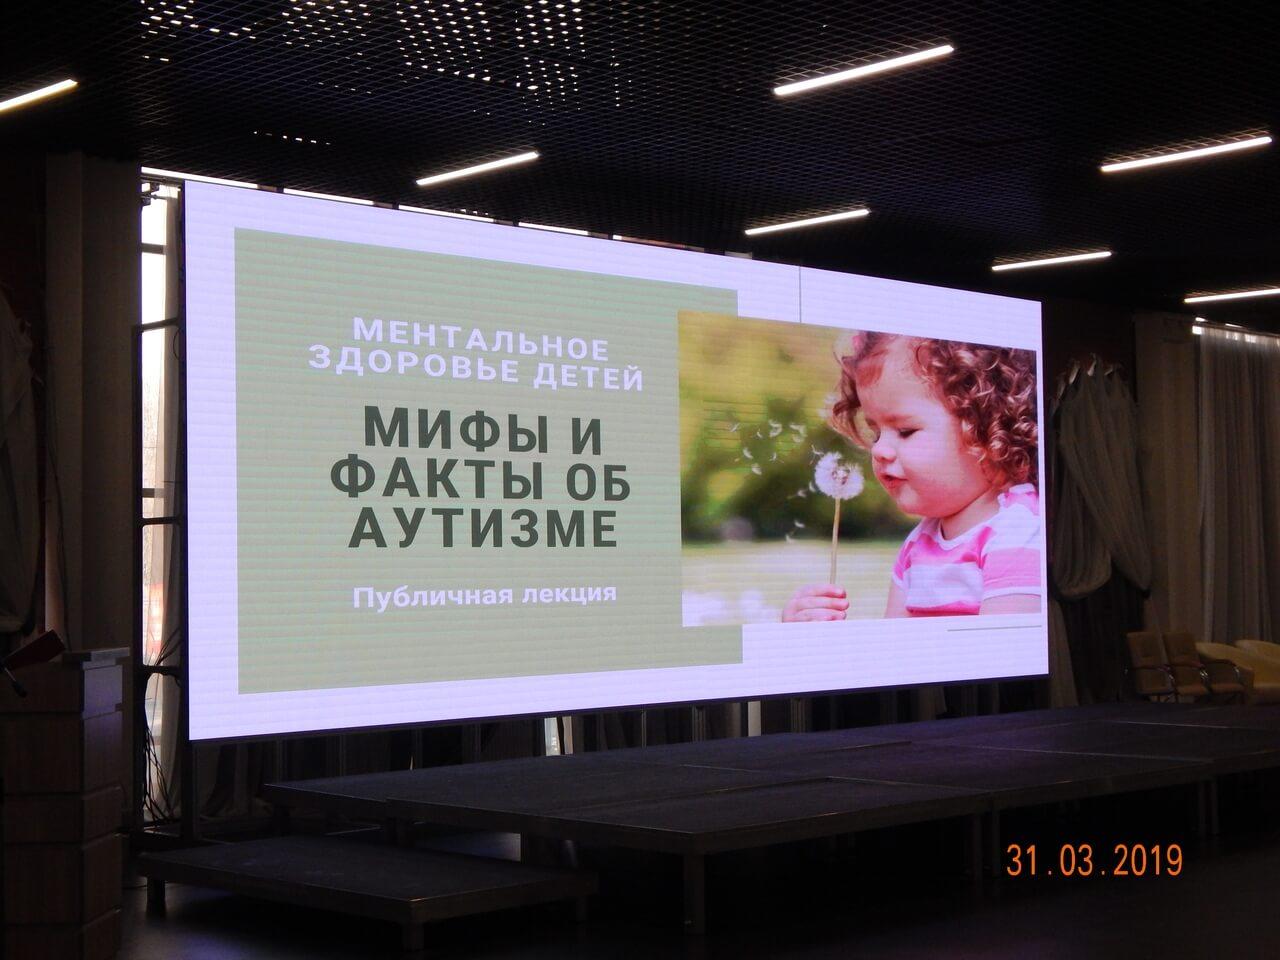 """В Саратове состоялся лекторий """"Аутизм-не приговор. Мифы и реальность"""""""